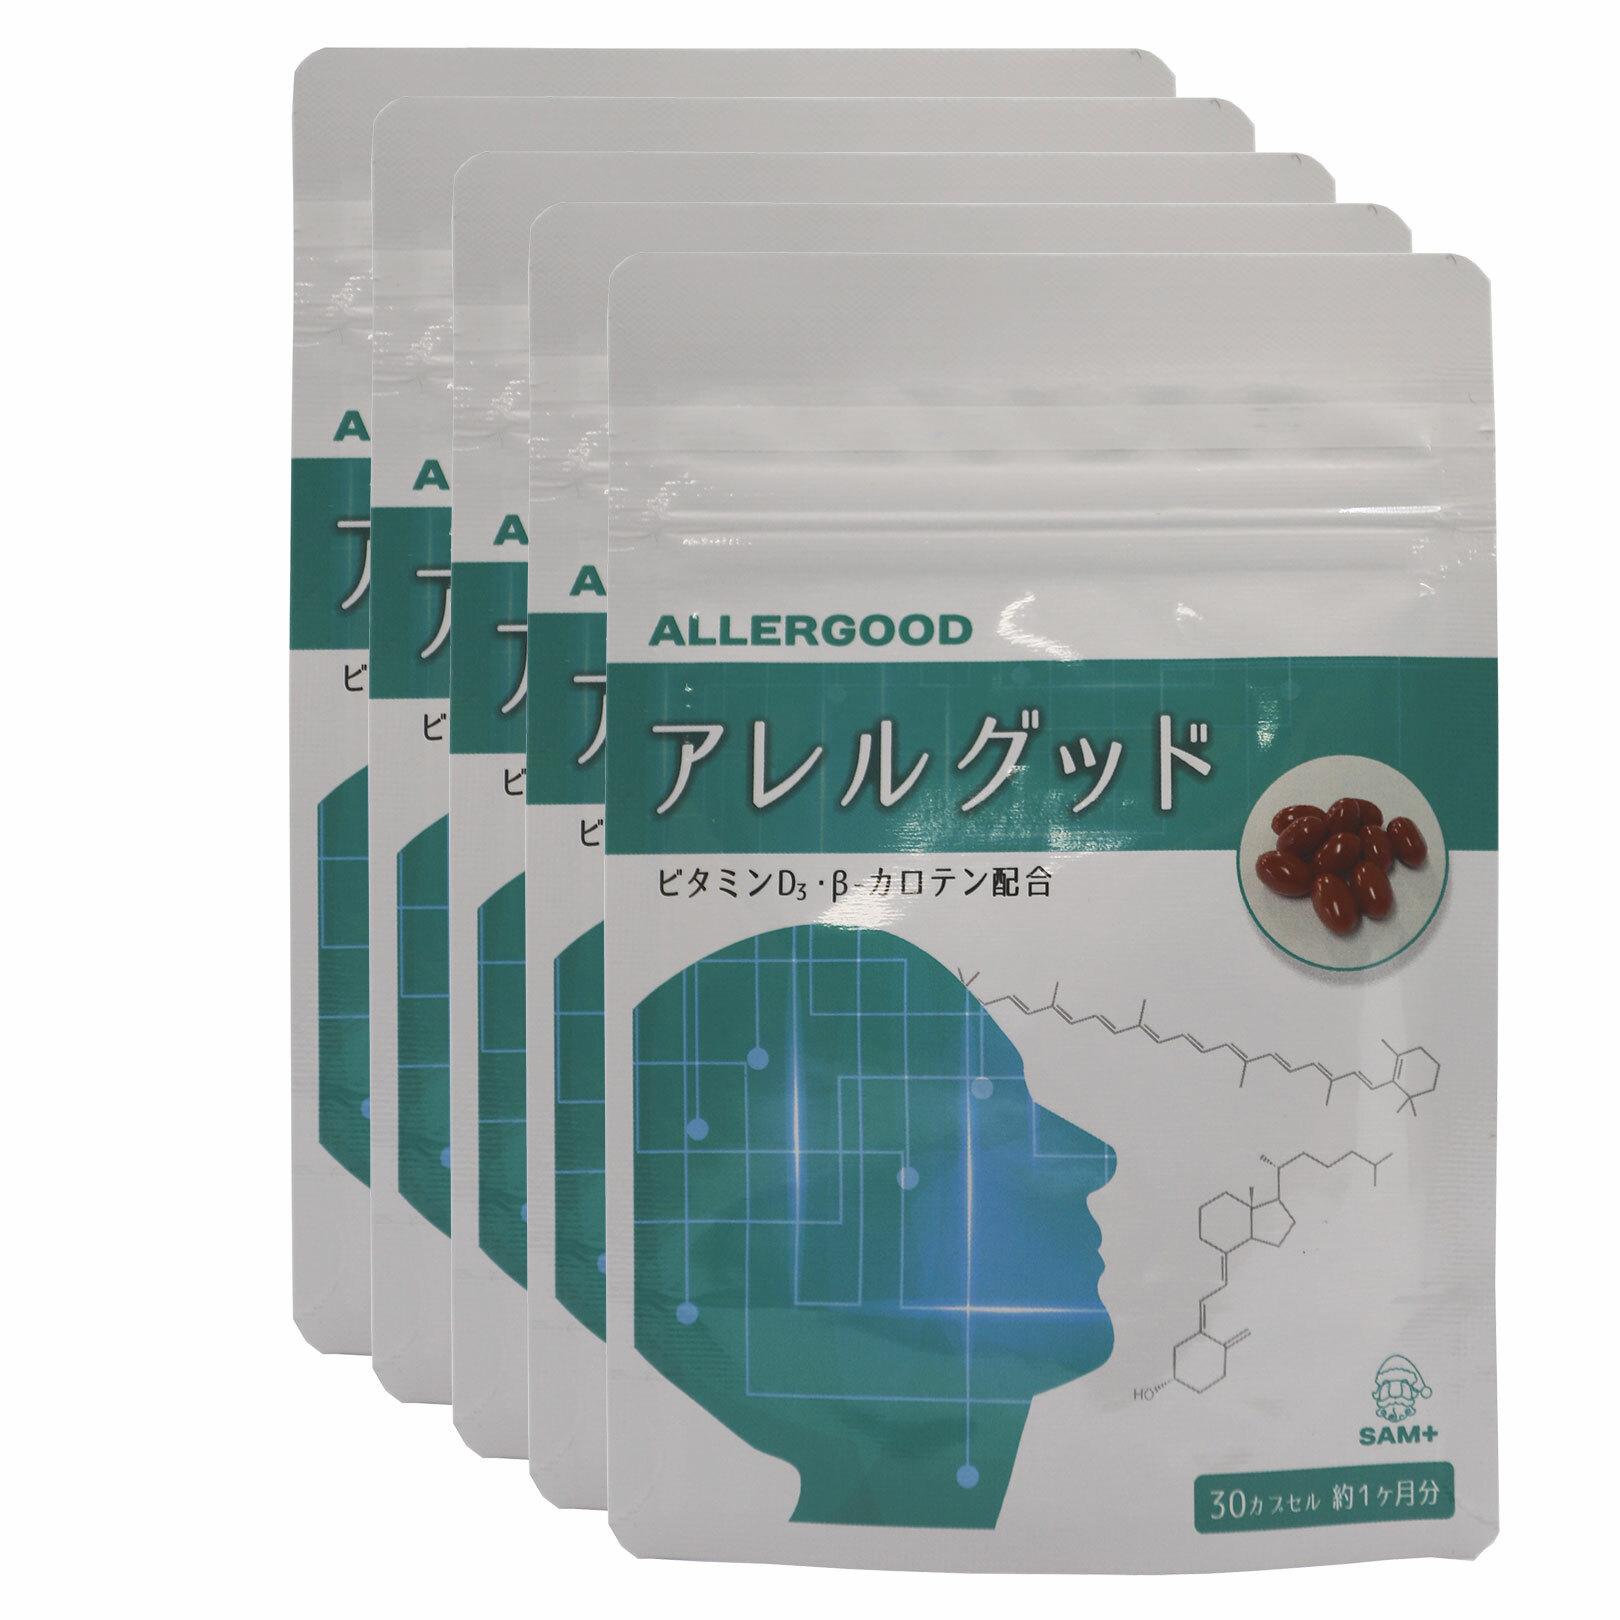 【40%OFF お得な 10個セット】送料無料!高濃度ビタミンD3サプリ☆アレルグッド